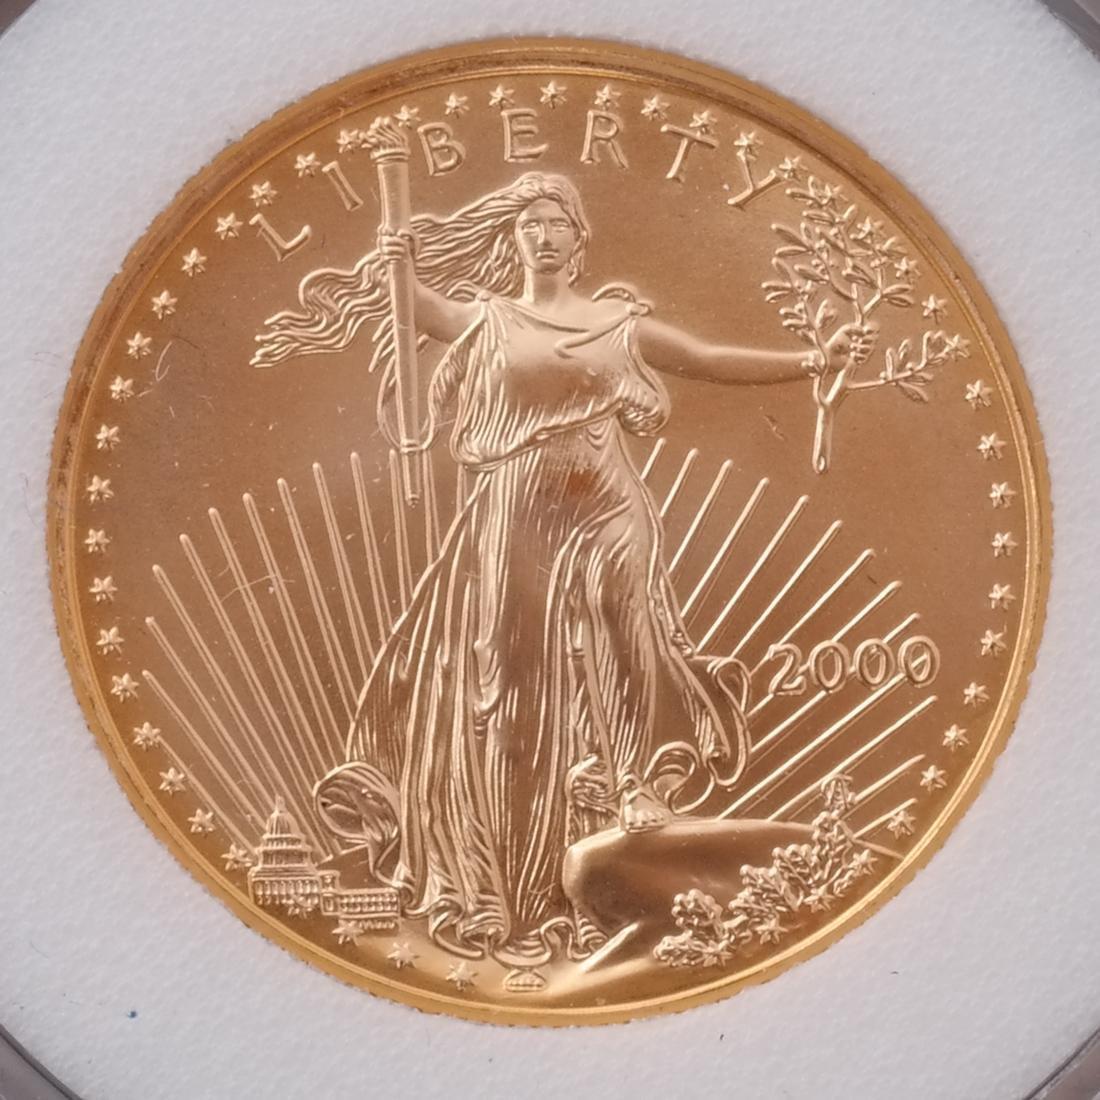 2 Gold Eagles - 2